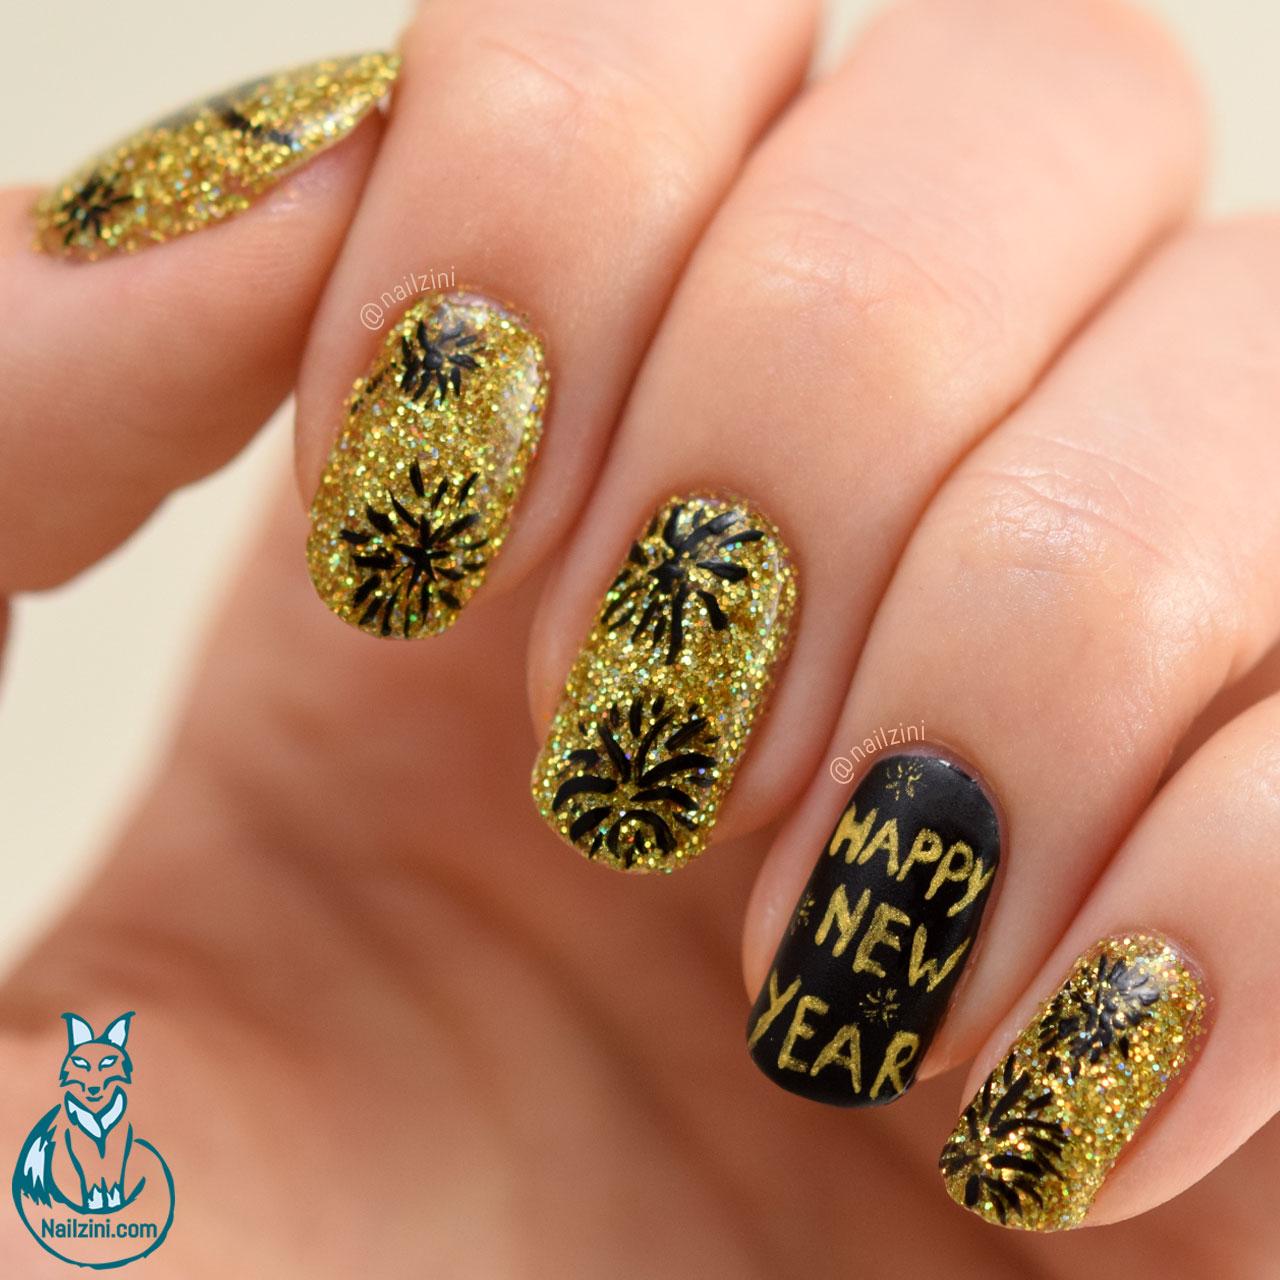 Holographic New Year Fireworks Nail Art | Nailzini: A Nail Art Blog